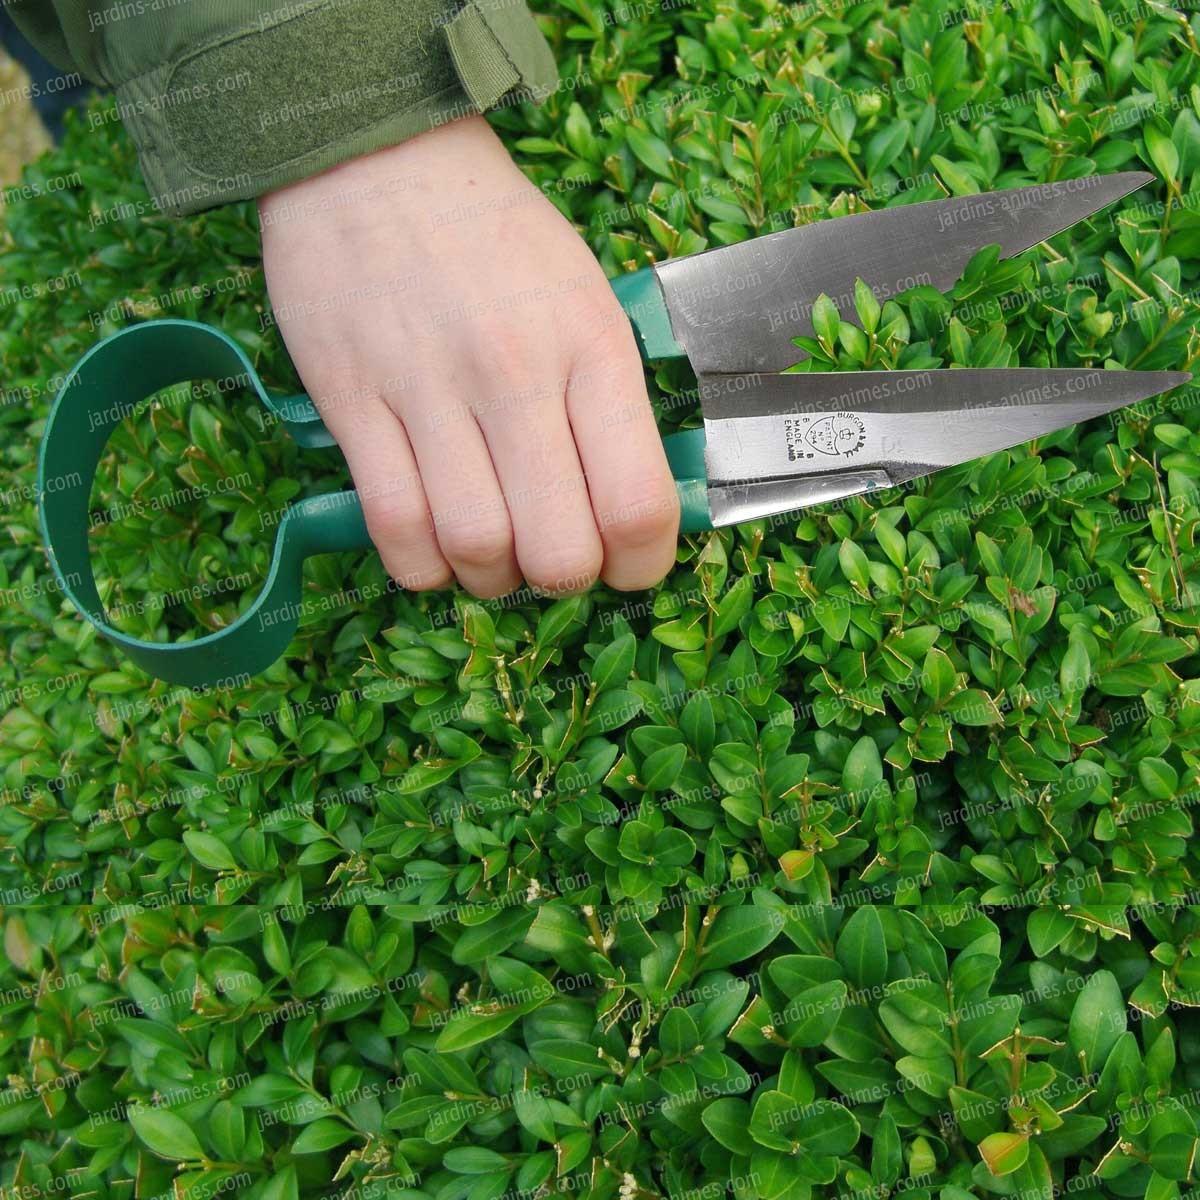 Ciseau à buis vert - Art Topiaire, Buis